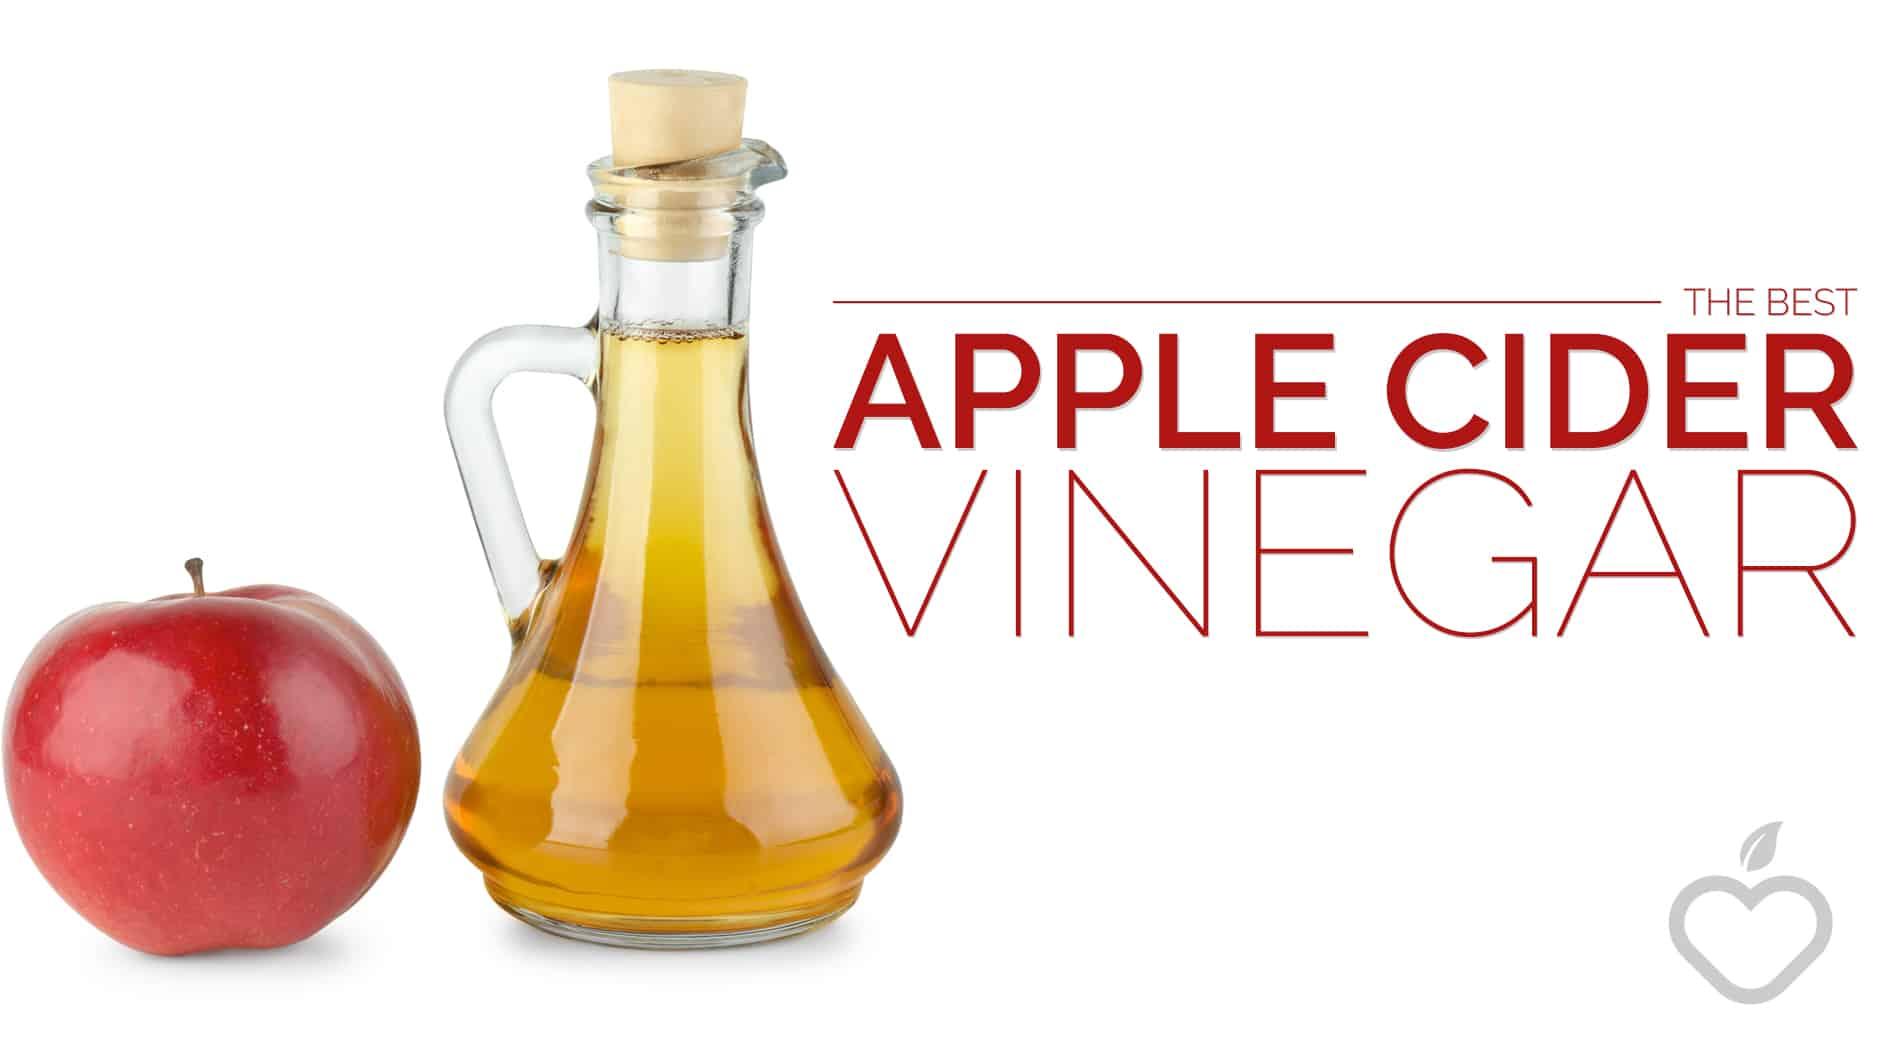 Apple Cider Vinegar Image Design 1 - The Best Apple Cider Vinegar